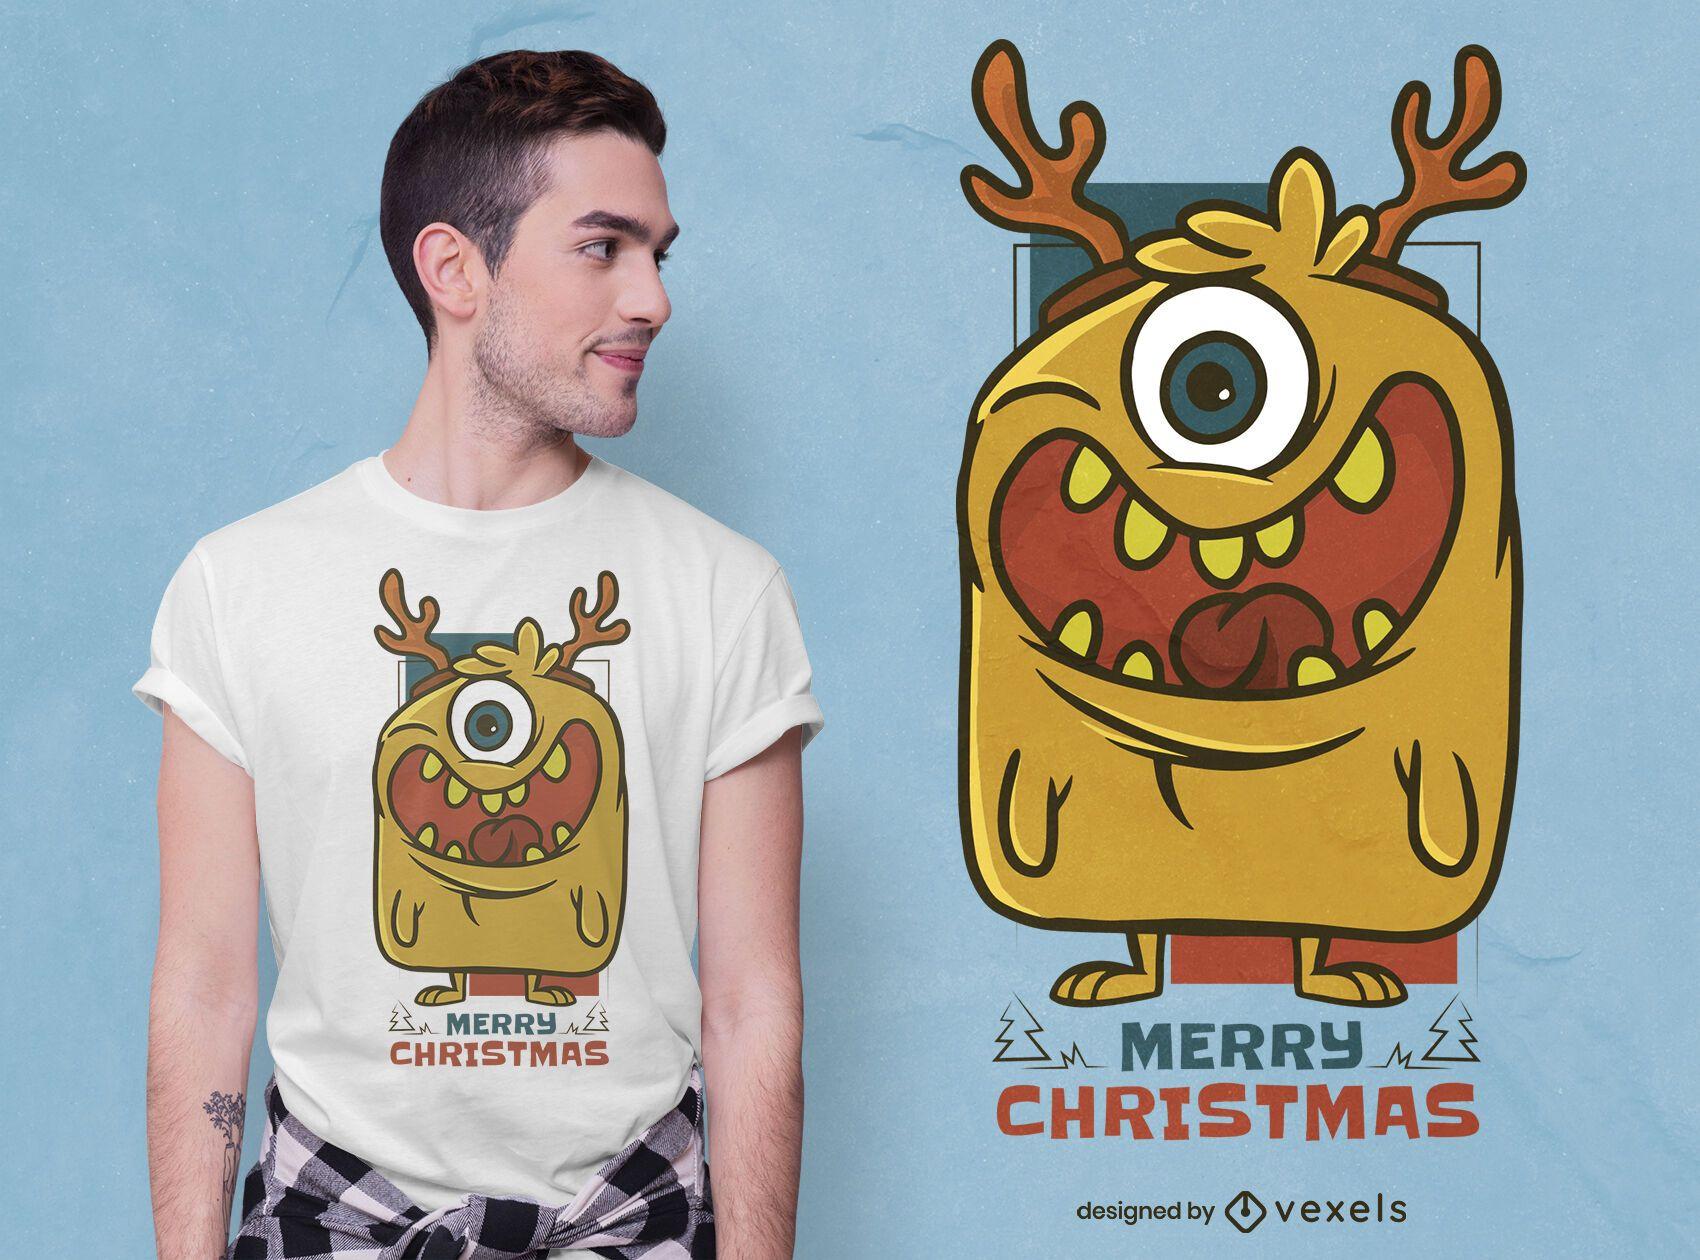 Christmas monster t-shirt design